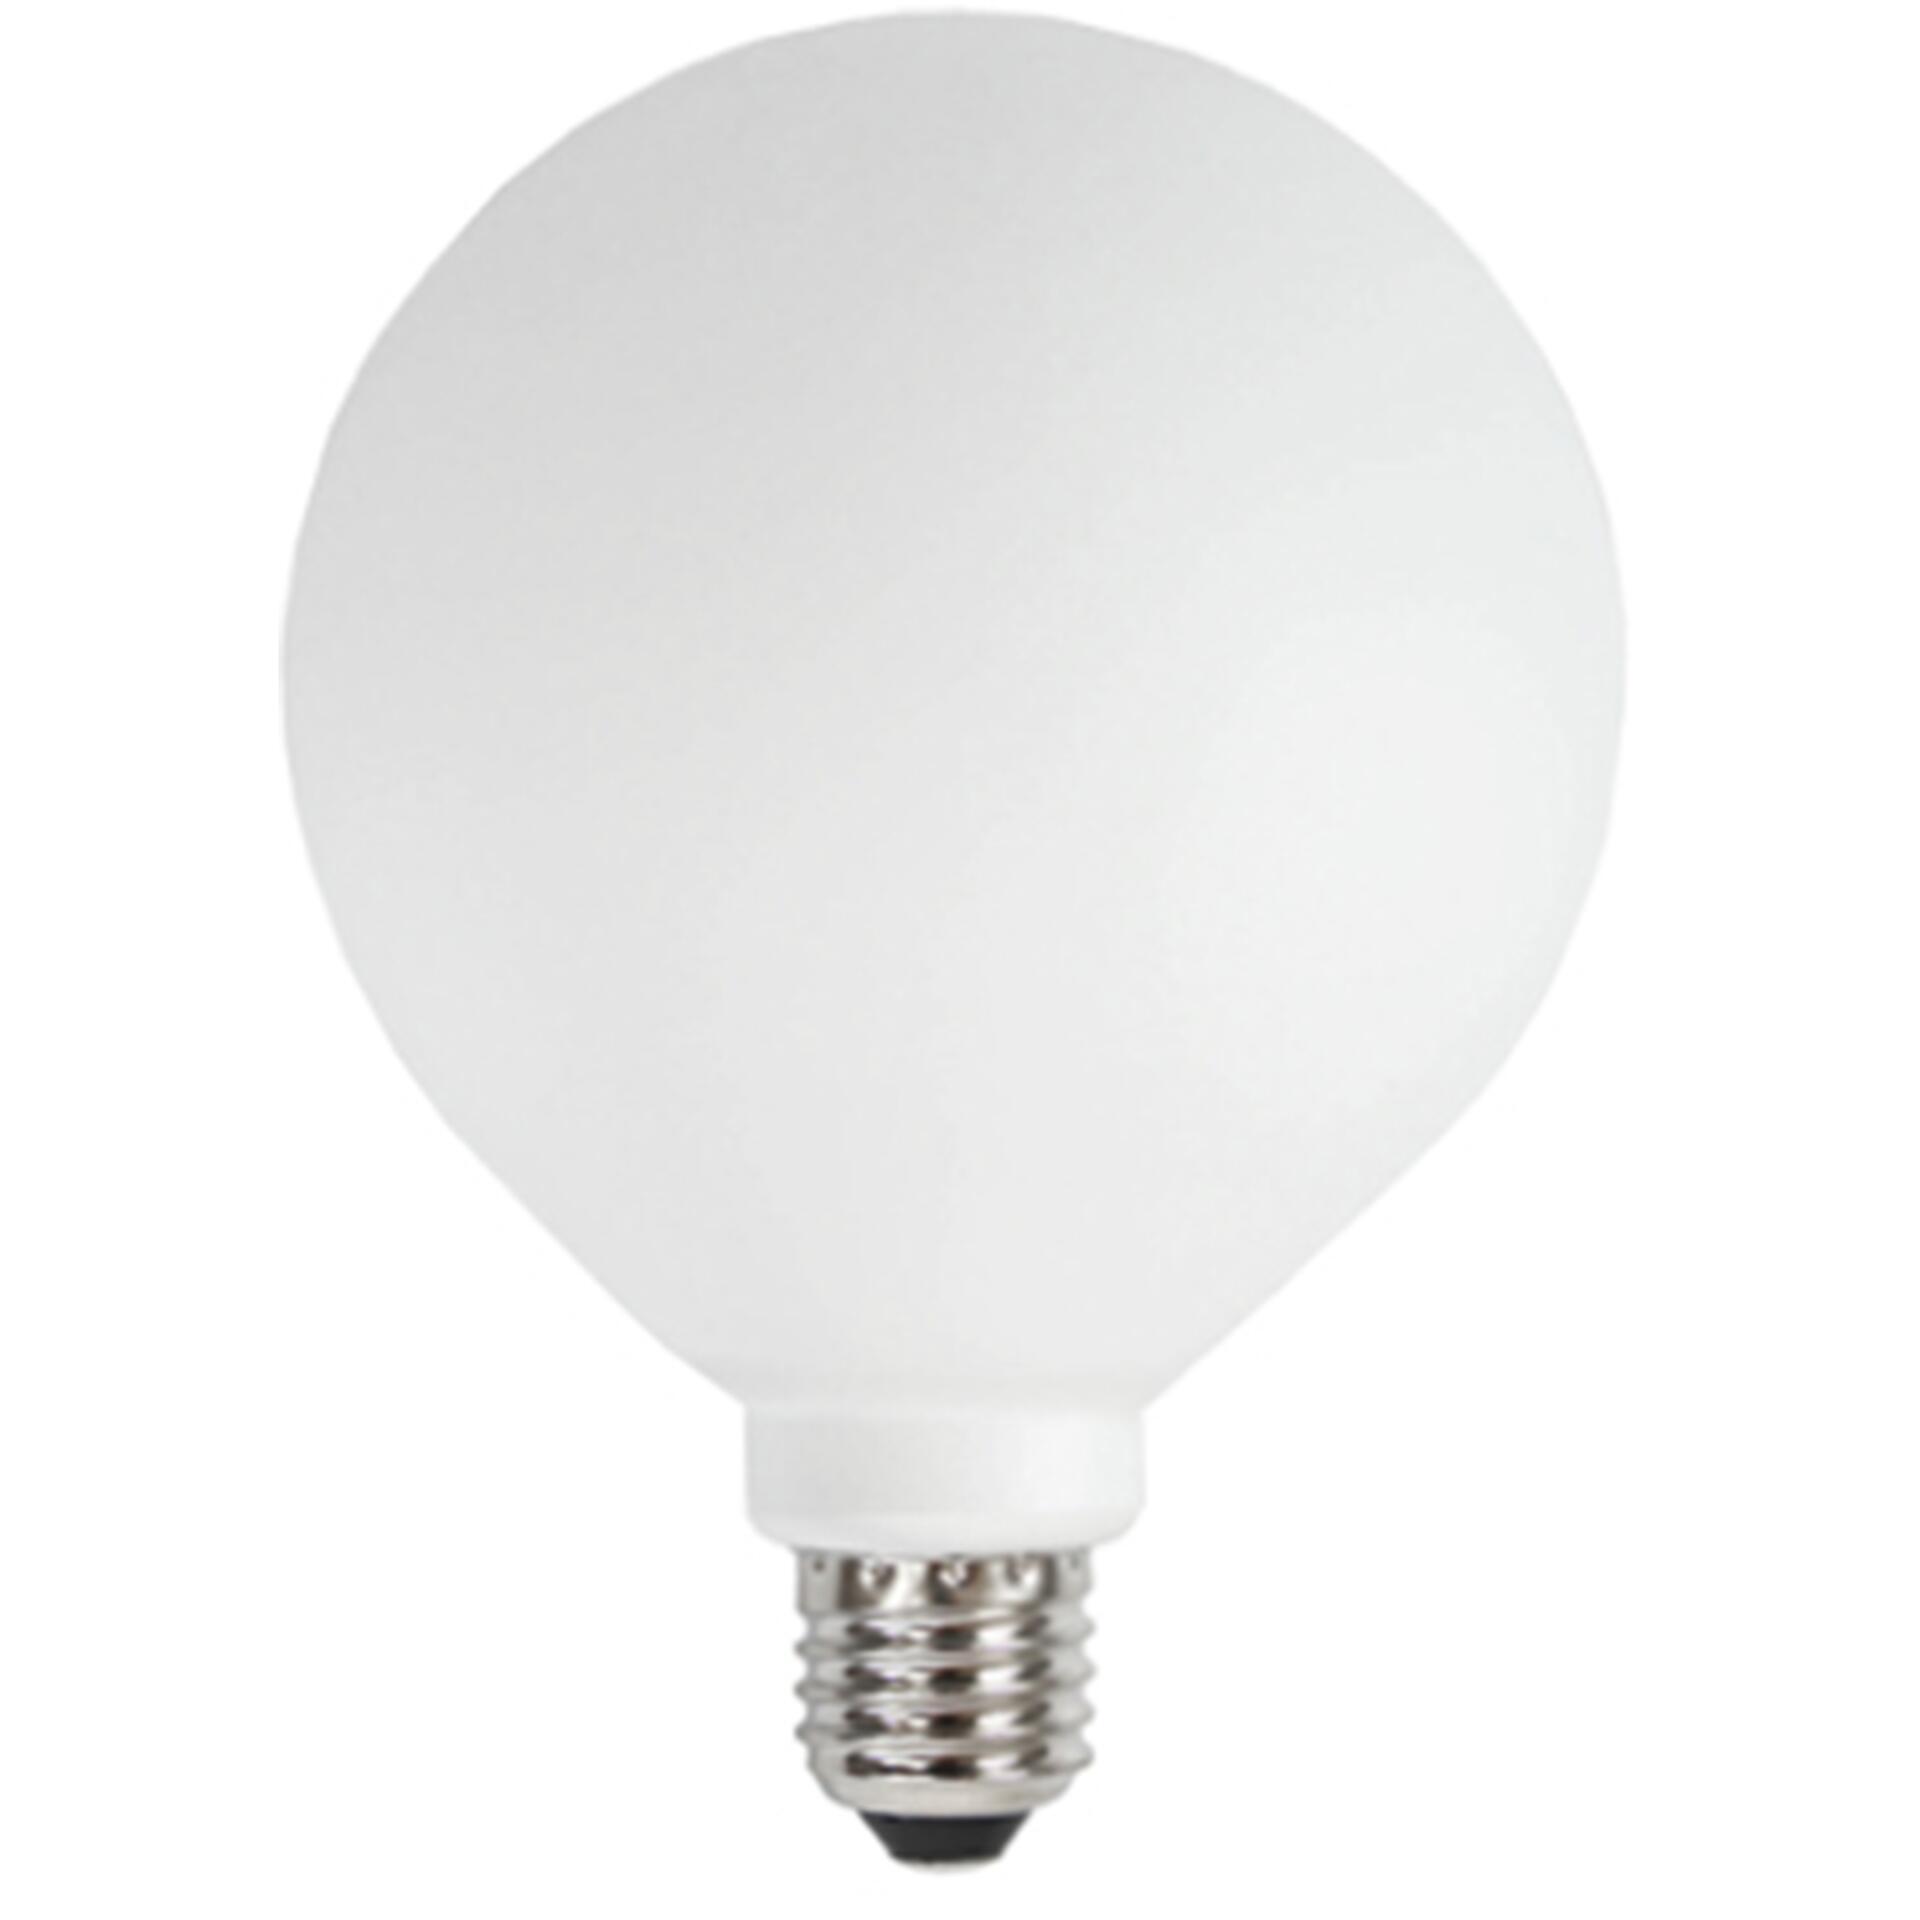 Nud LED Glühbirne Weiss 125 mm